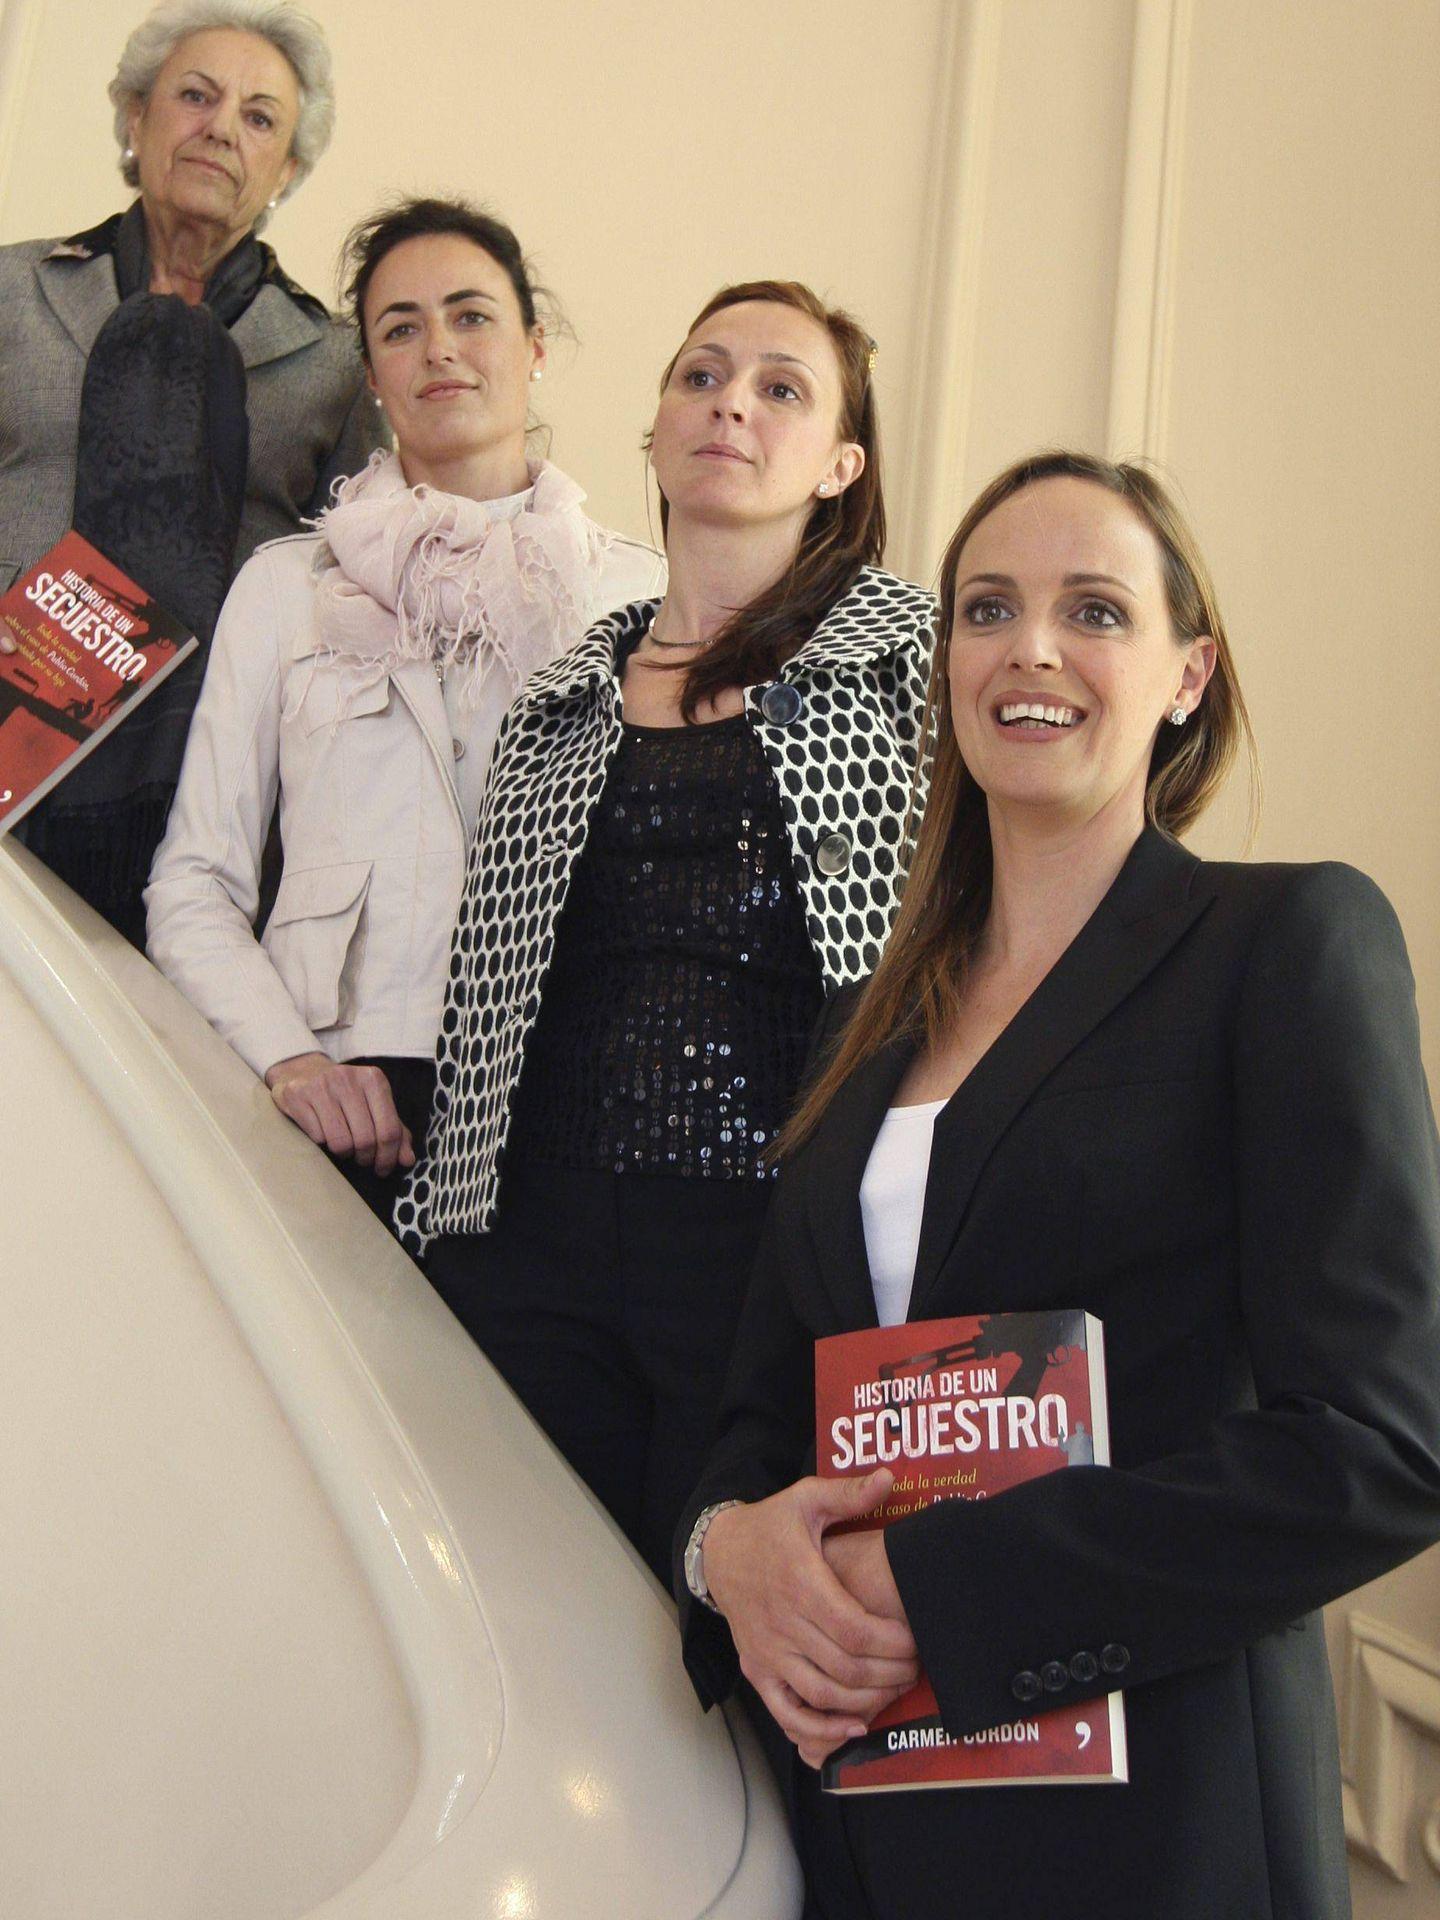 Carmen Cordón (d), hija del empresario Publio Cordón, secuestrado por los Grapo en 1995, posa junto a su madre Pilar Muro (4d), y sus dos hermanas, en la presentación de su libro 'Historia de un secuestro'. (EFE)